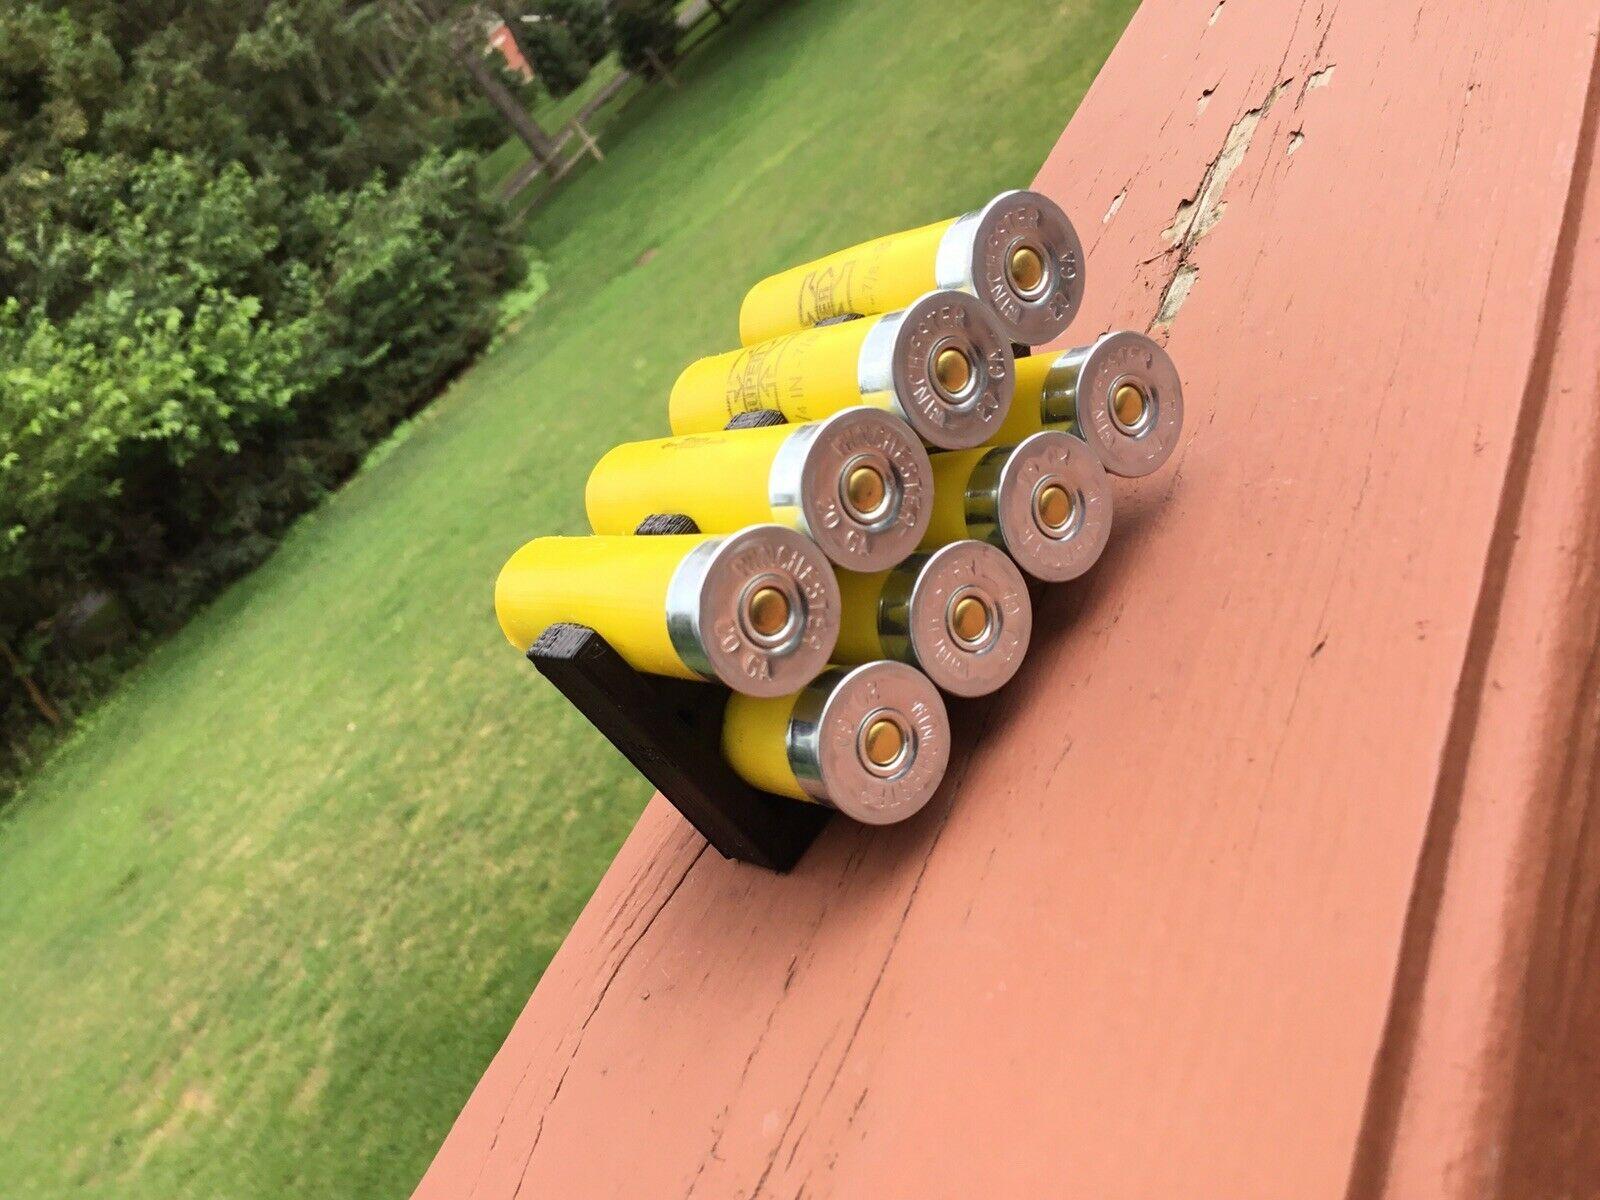 8 Shell Tactical Shotgun 20 Gauge Shell Ammo Holder with Vest Belt Clip 20 Ga.